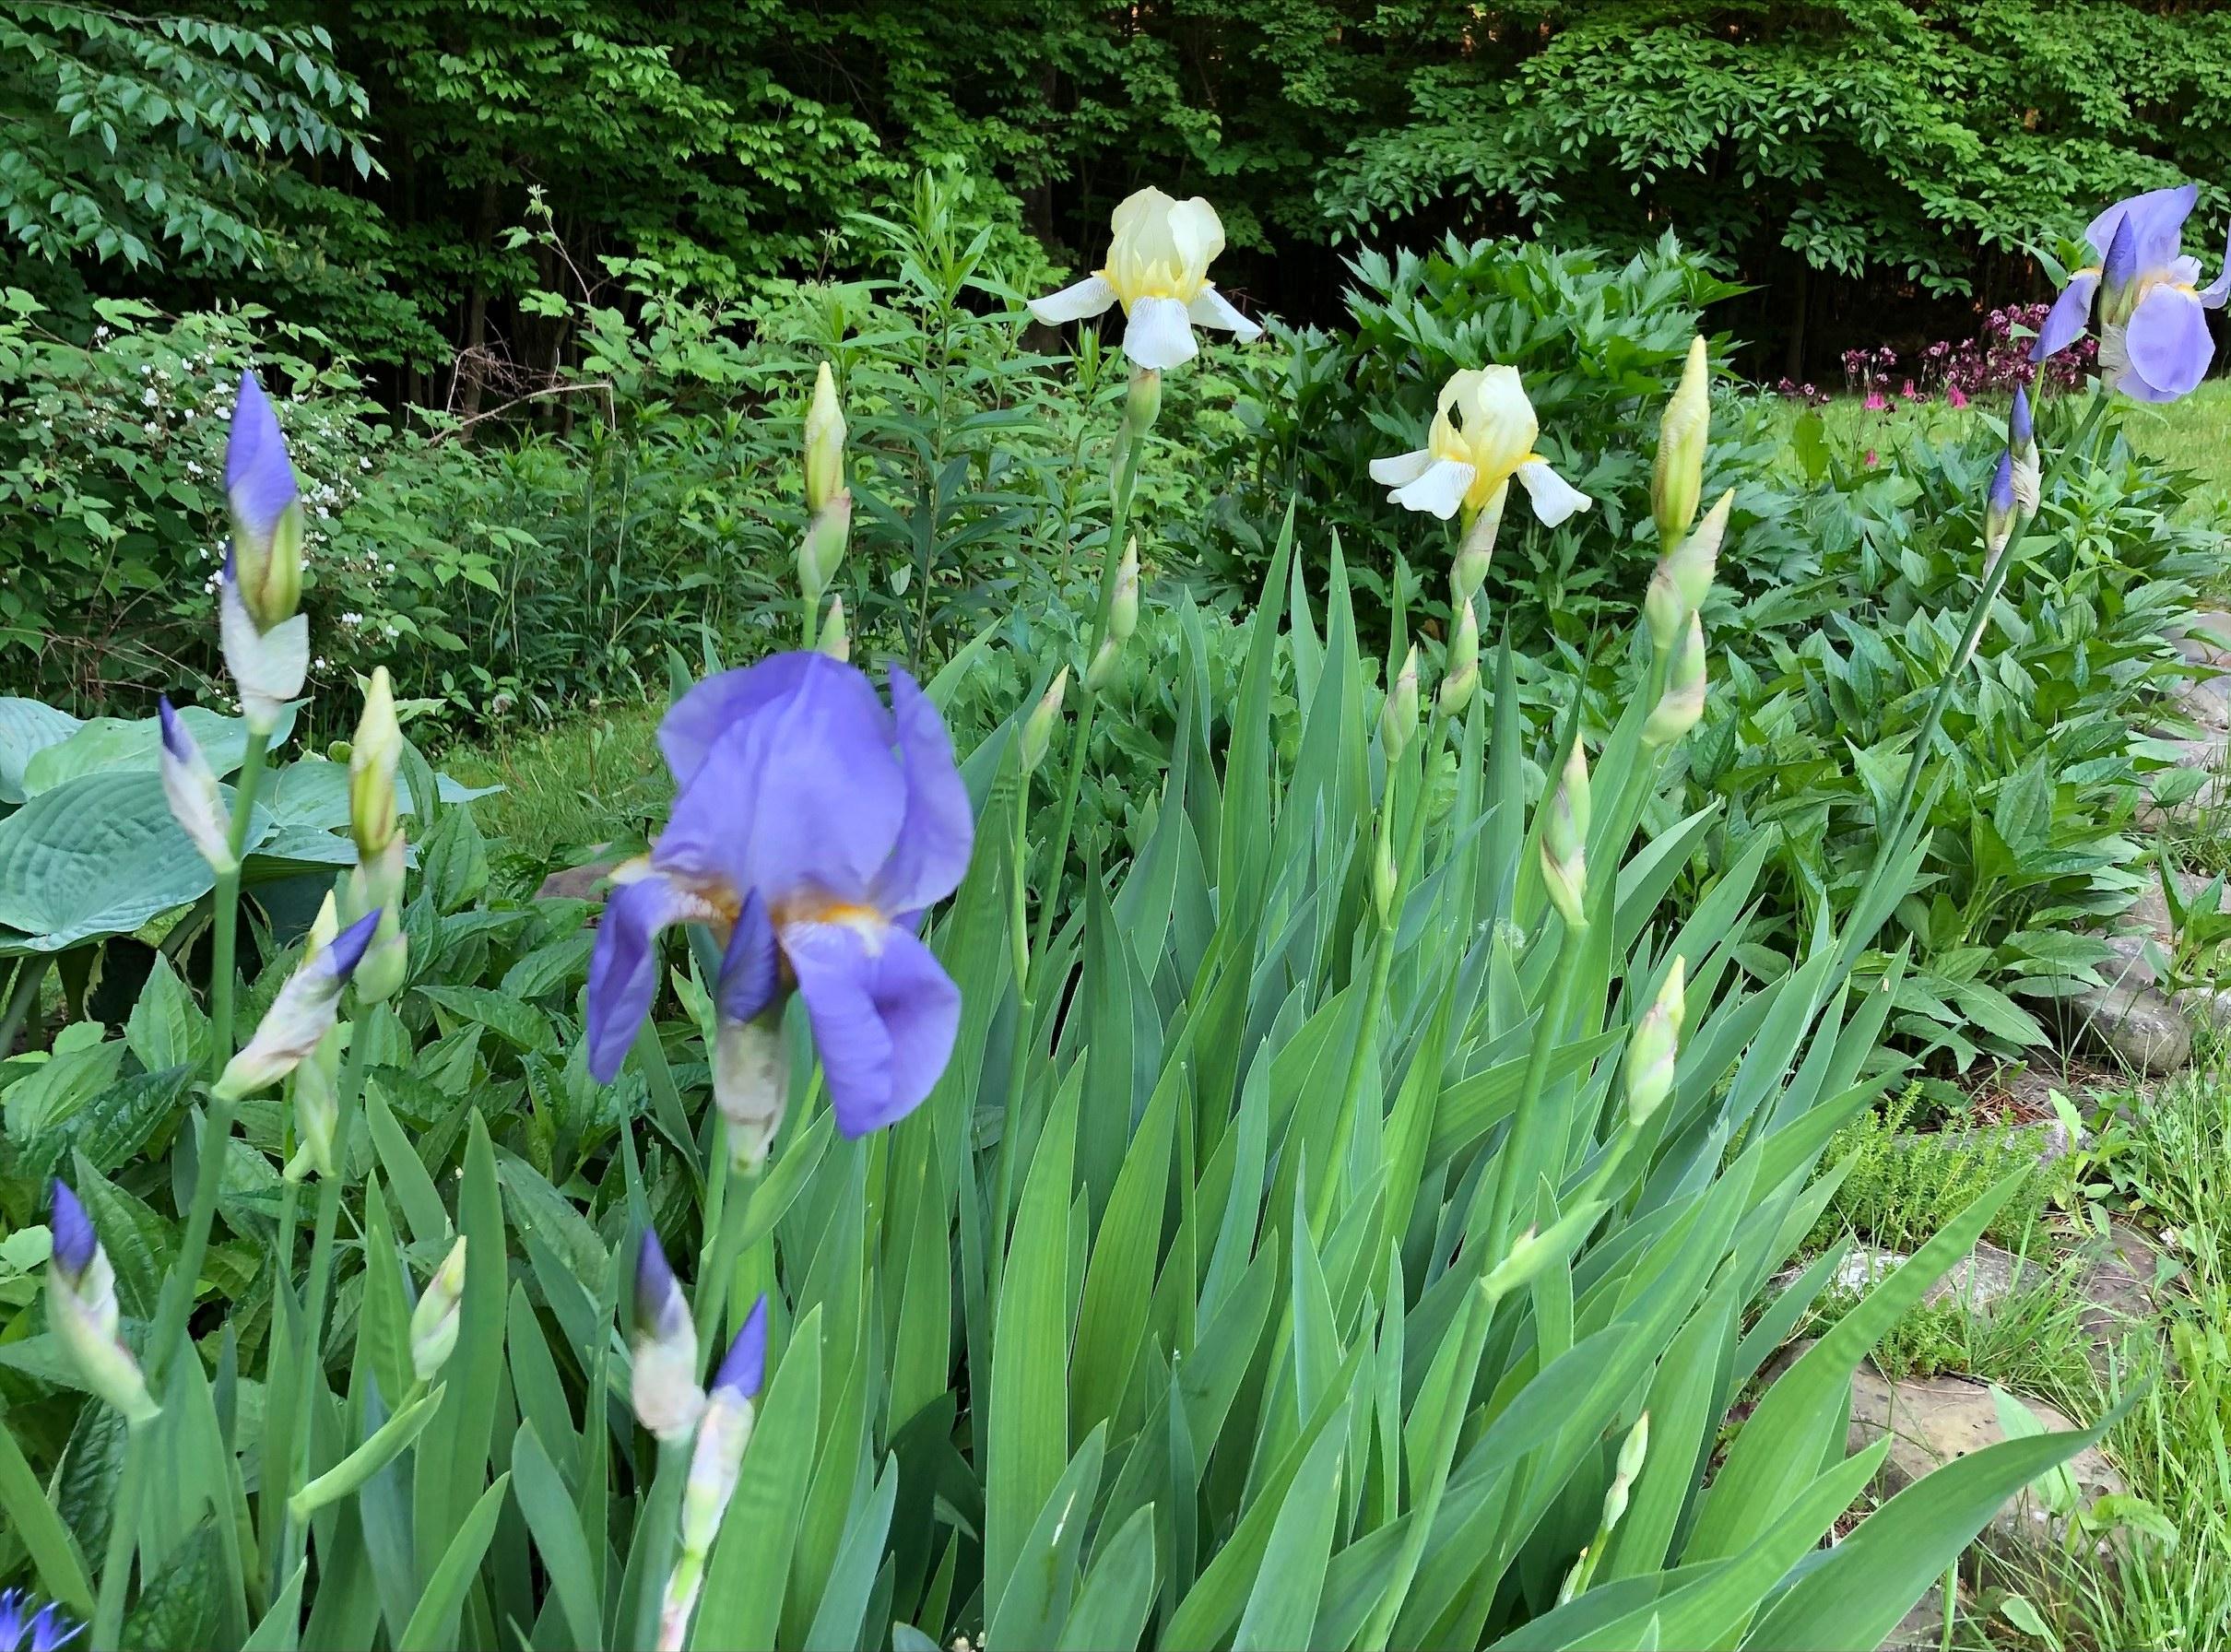 purple and white irises